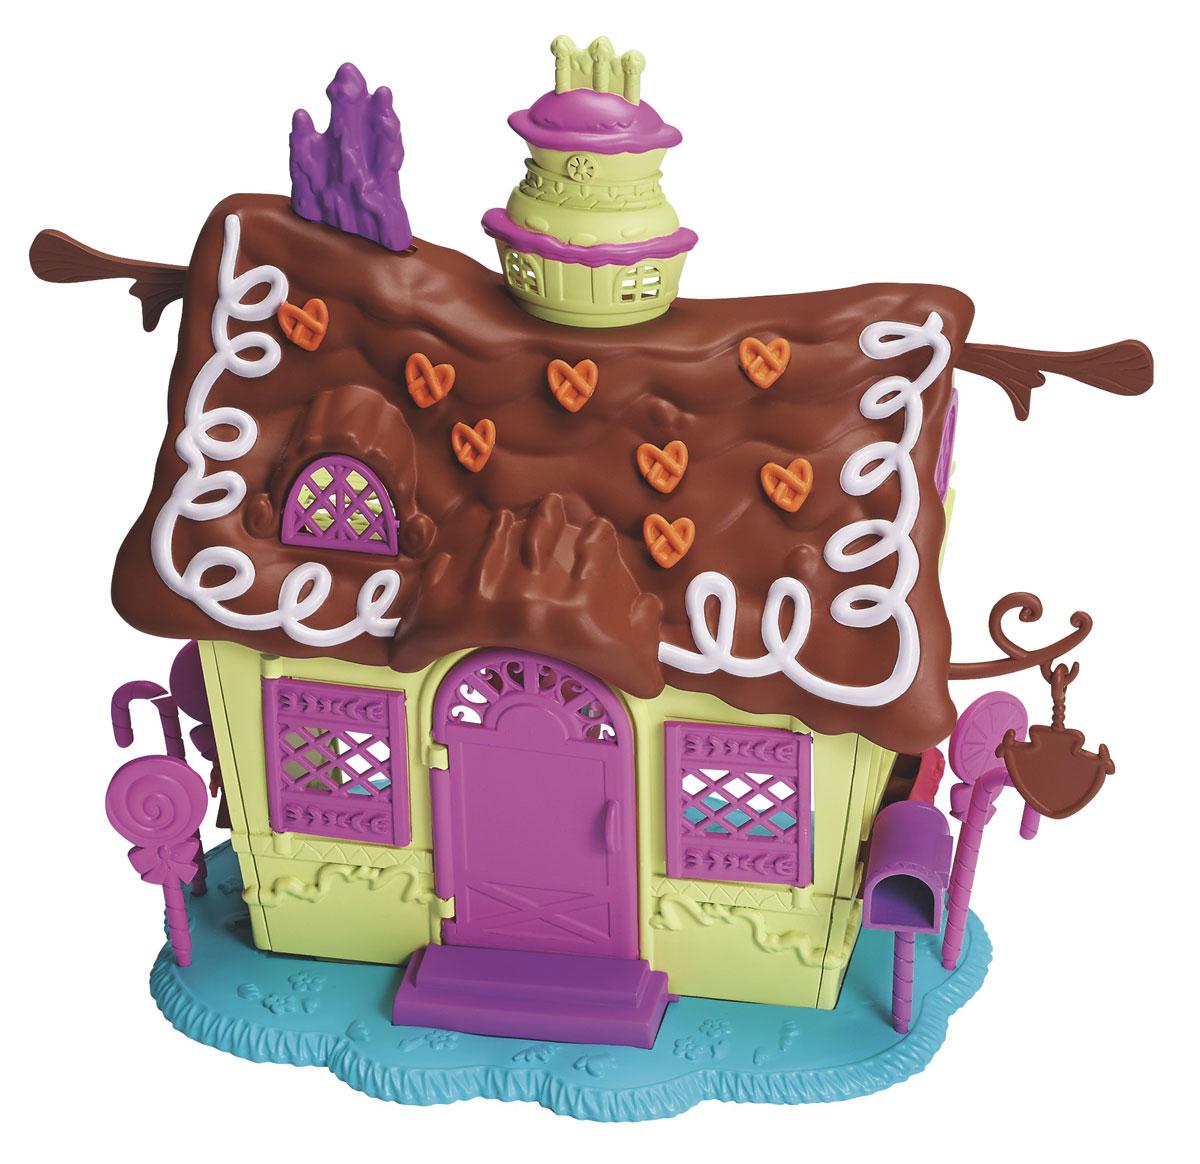 My Little Pony Pop Игровой набор Пряничный домикA8203Набор Пряничный домик дает редкую возможность получить свою собственную кондитерскую. И домик, и лошадку необходимо сначала собрать, проявив свою творческую фантазию. Домик строить очень просто и интересно. В Пряничном домике Пинки Пай всегда может собрать своих друзей и устроить веселое чаепитие! С игровым набором My Little Pony Пряничный домик можно создать своего уникального пони. Подойди к занятию творчески, используя гривы, хвост и украсив лошадку специальными наклейками, сделай пони единственной и неповторимой! Чтобы сделать свою пони еще более уникальной, ты можешь использовать хвосты и гривы лошадок из других наборов, которые продаются отдельно. Наборы полностью совместимы, это разнообразит процесс игры, сделав его еще более захватывающим. С набором Пряничный домик тебя и твою Пинки Пай ждут новые, еще более захватывающие приключения. Игры с такой игрушкой поспособствуют развитию у ребенка фантазии и любознательности, помогут овладеть навыками общения,...